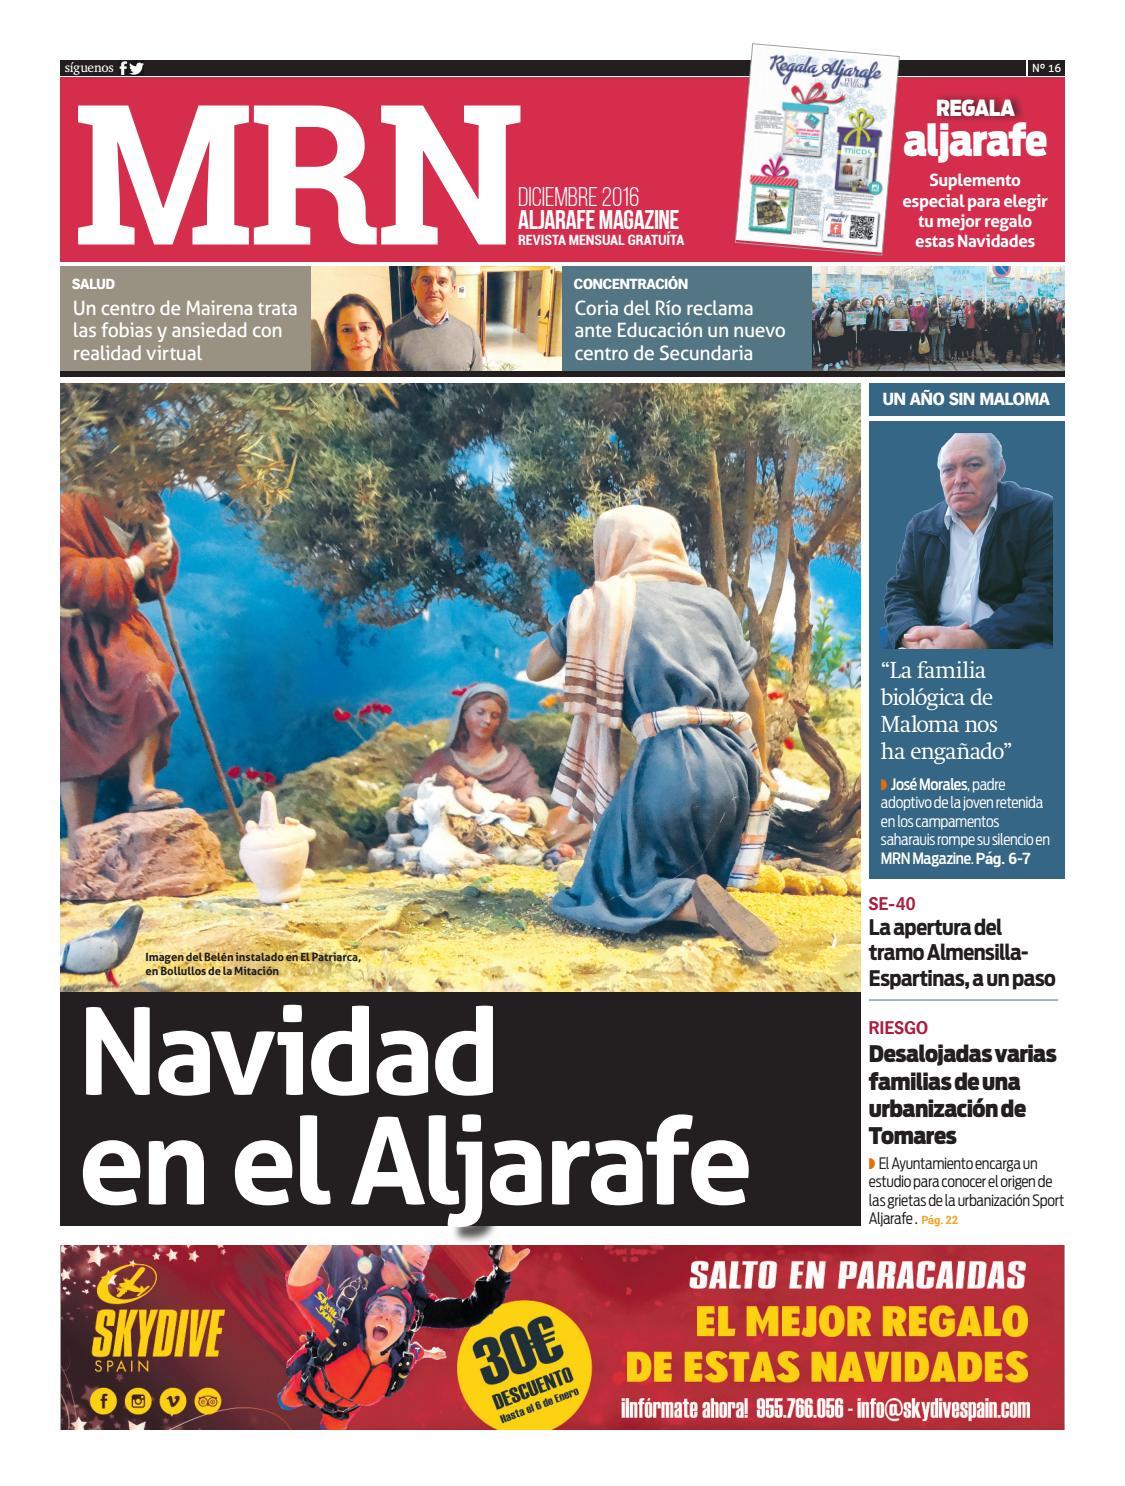 MRN ALJARAFE MAGAZINE Nº16 by MRN-ALJARAFE MAGAZINE - issuu